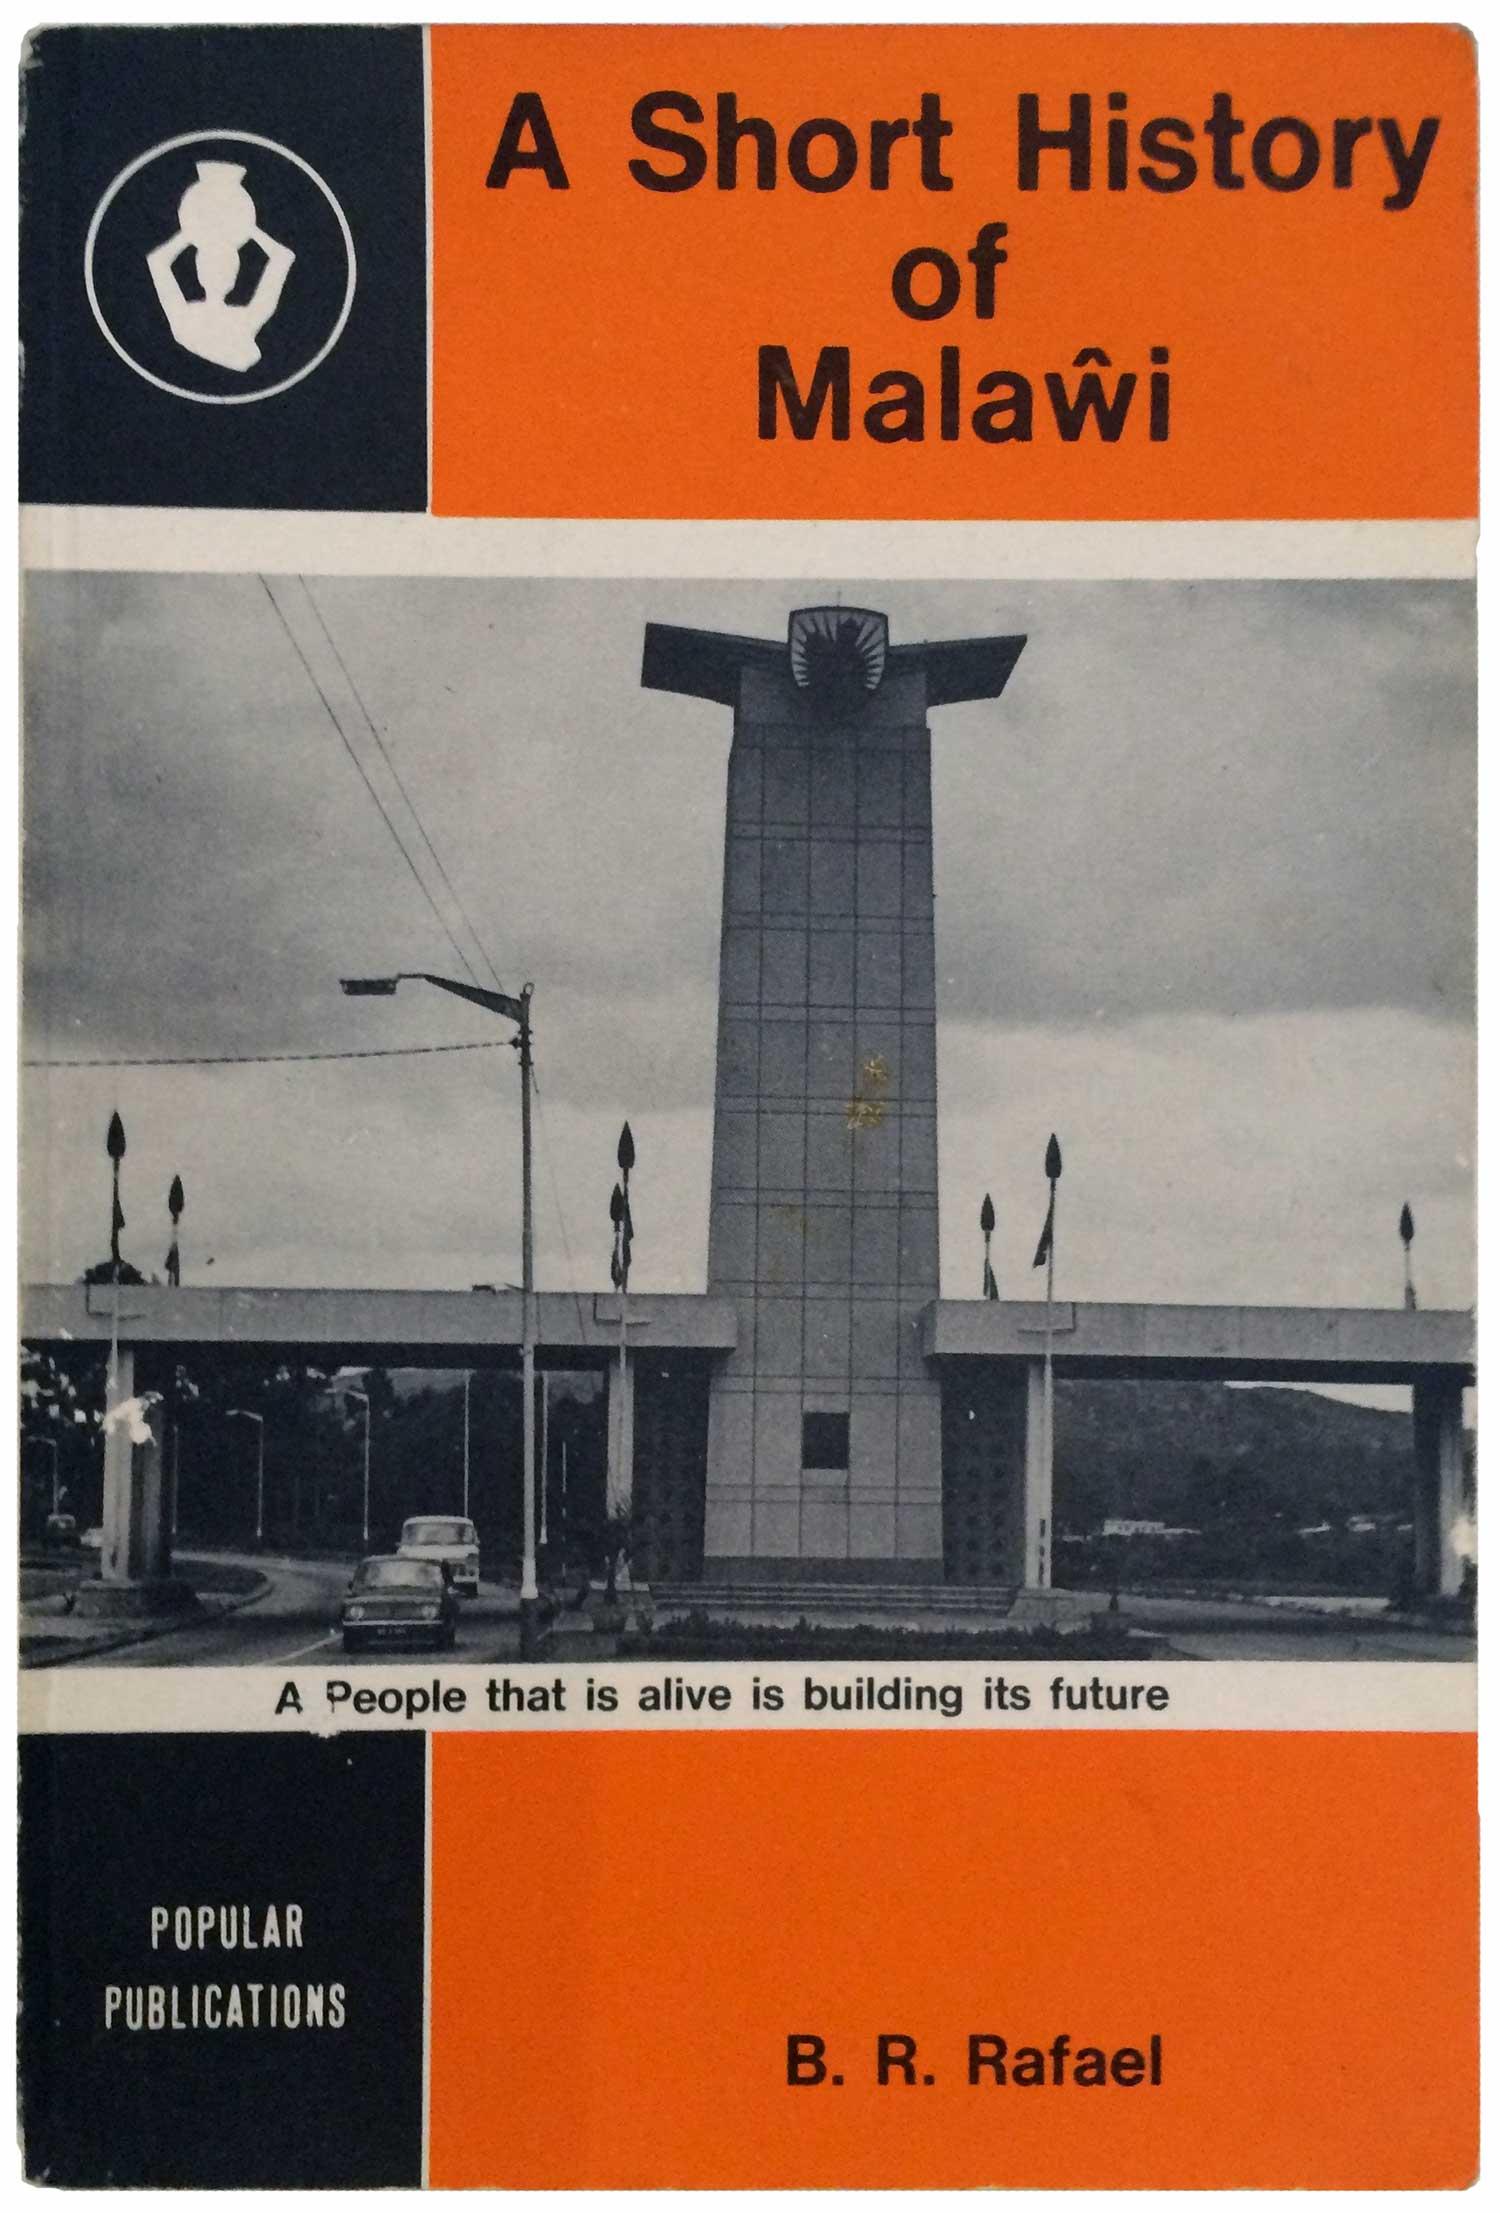 Rafael_AShortHistory_Malawi